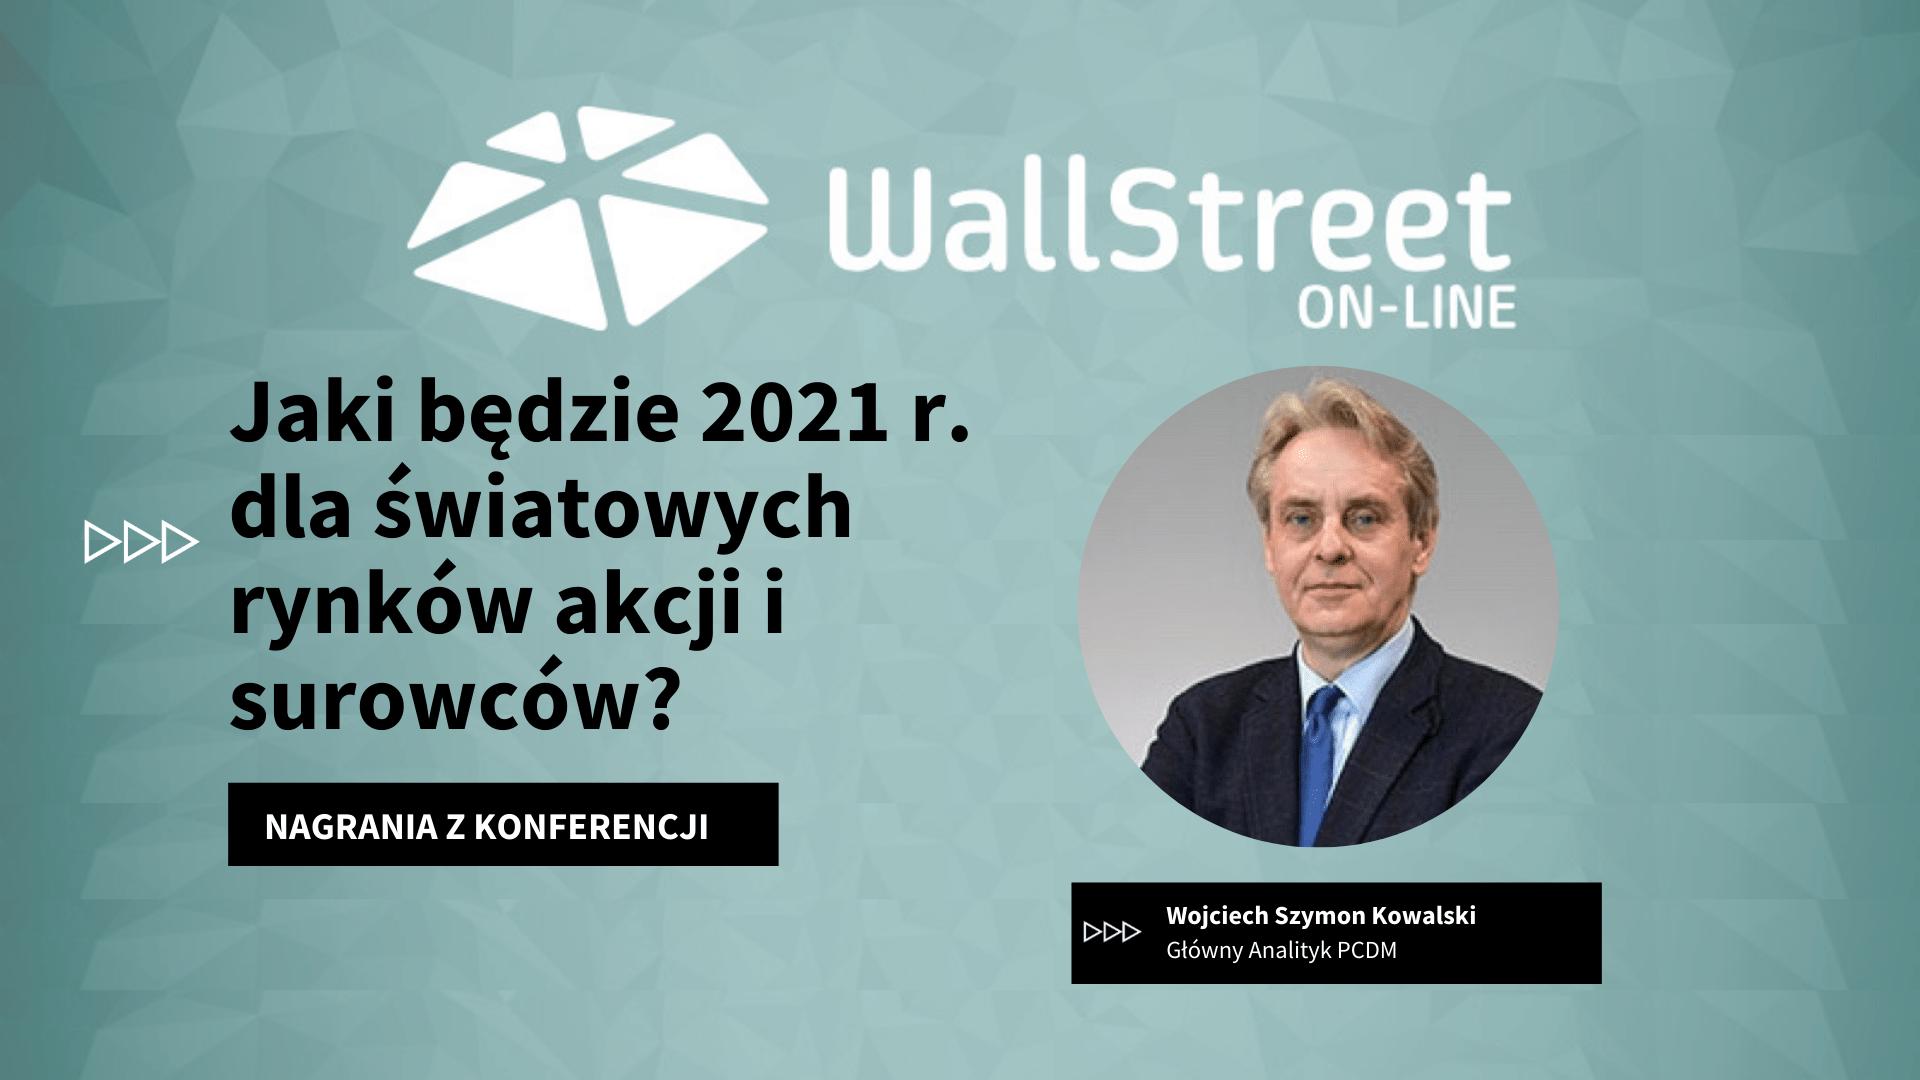 Nagrania z Konferencji Wall Street